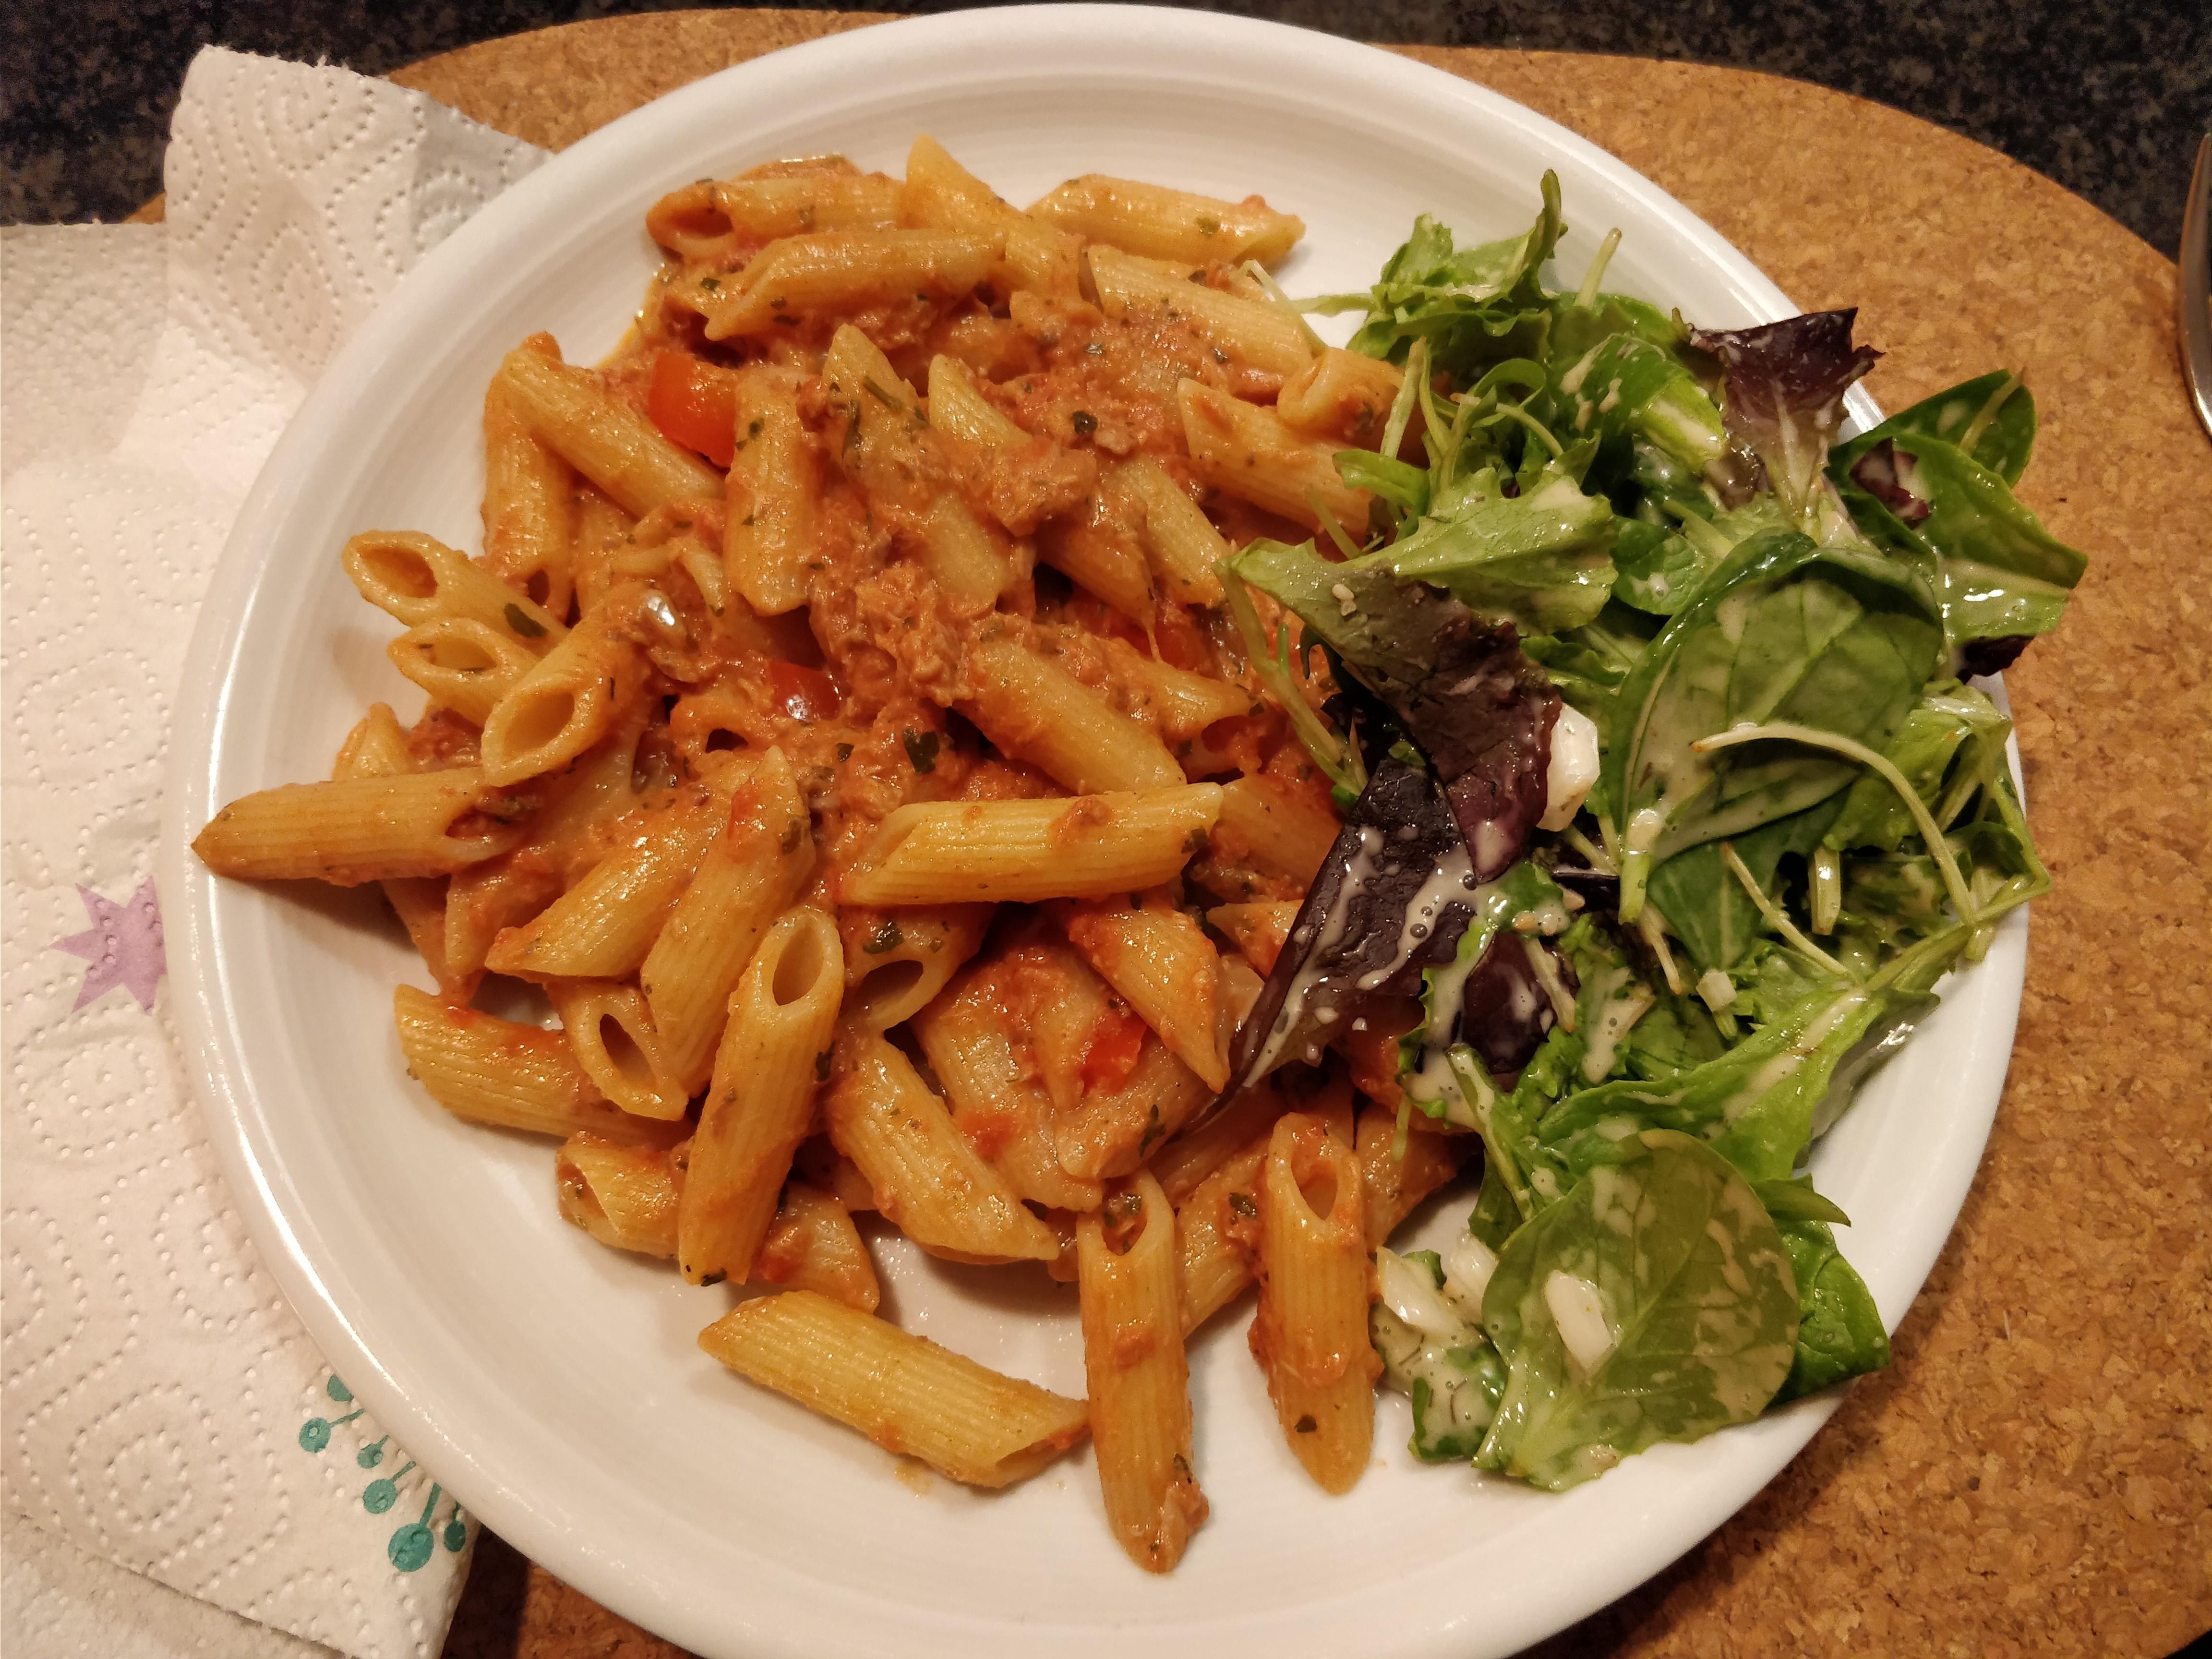 http://foodloader.net/nico_2017-12-02_penne-mit-thunfisch-sauce-und-salat.jpg